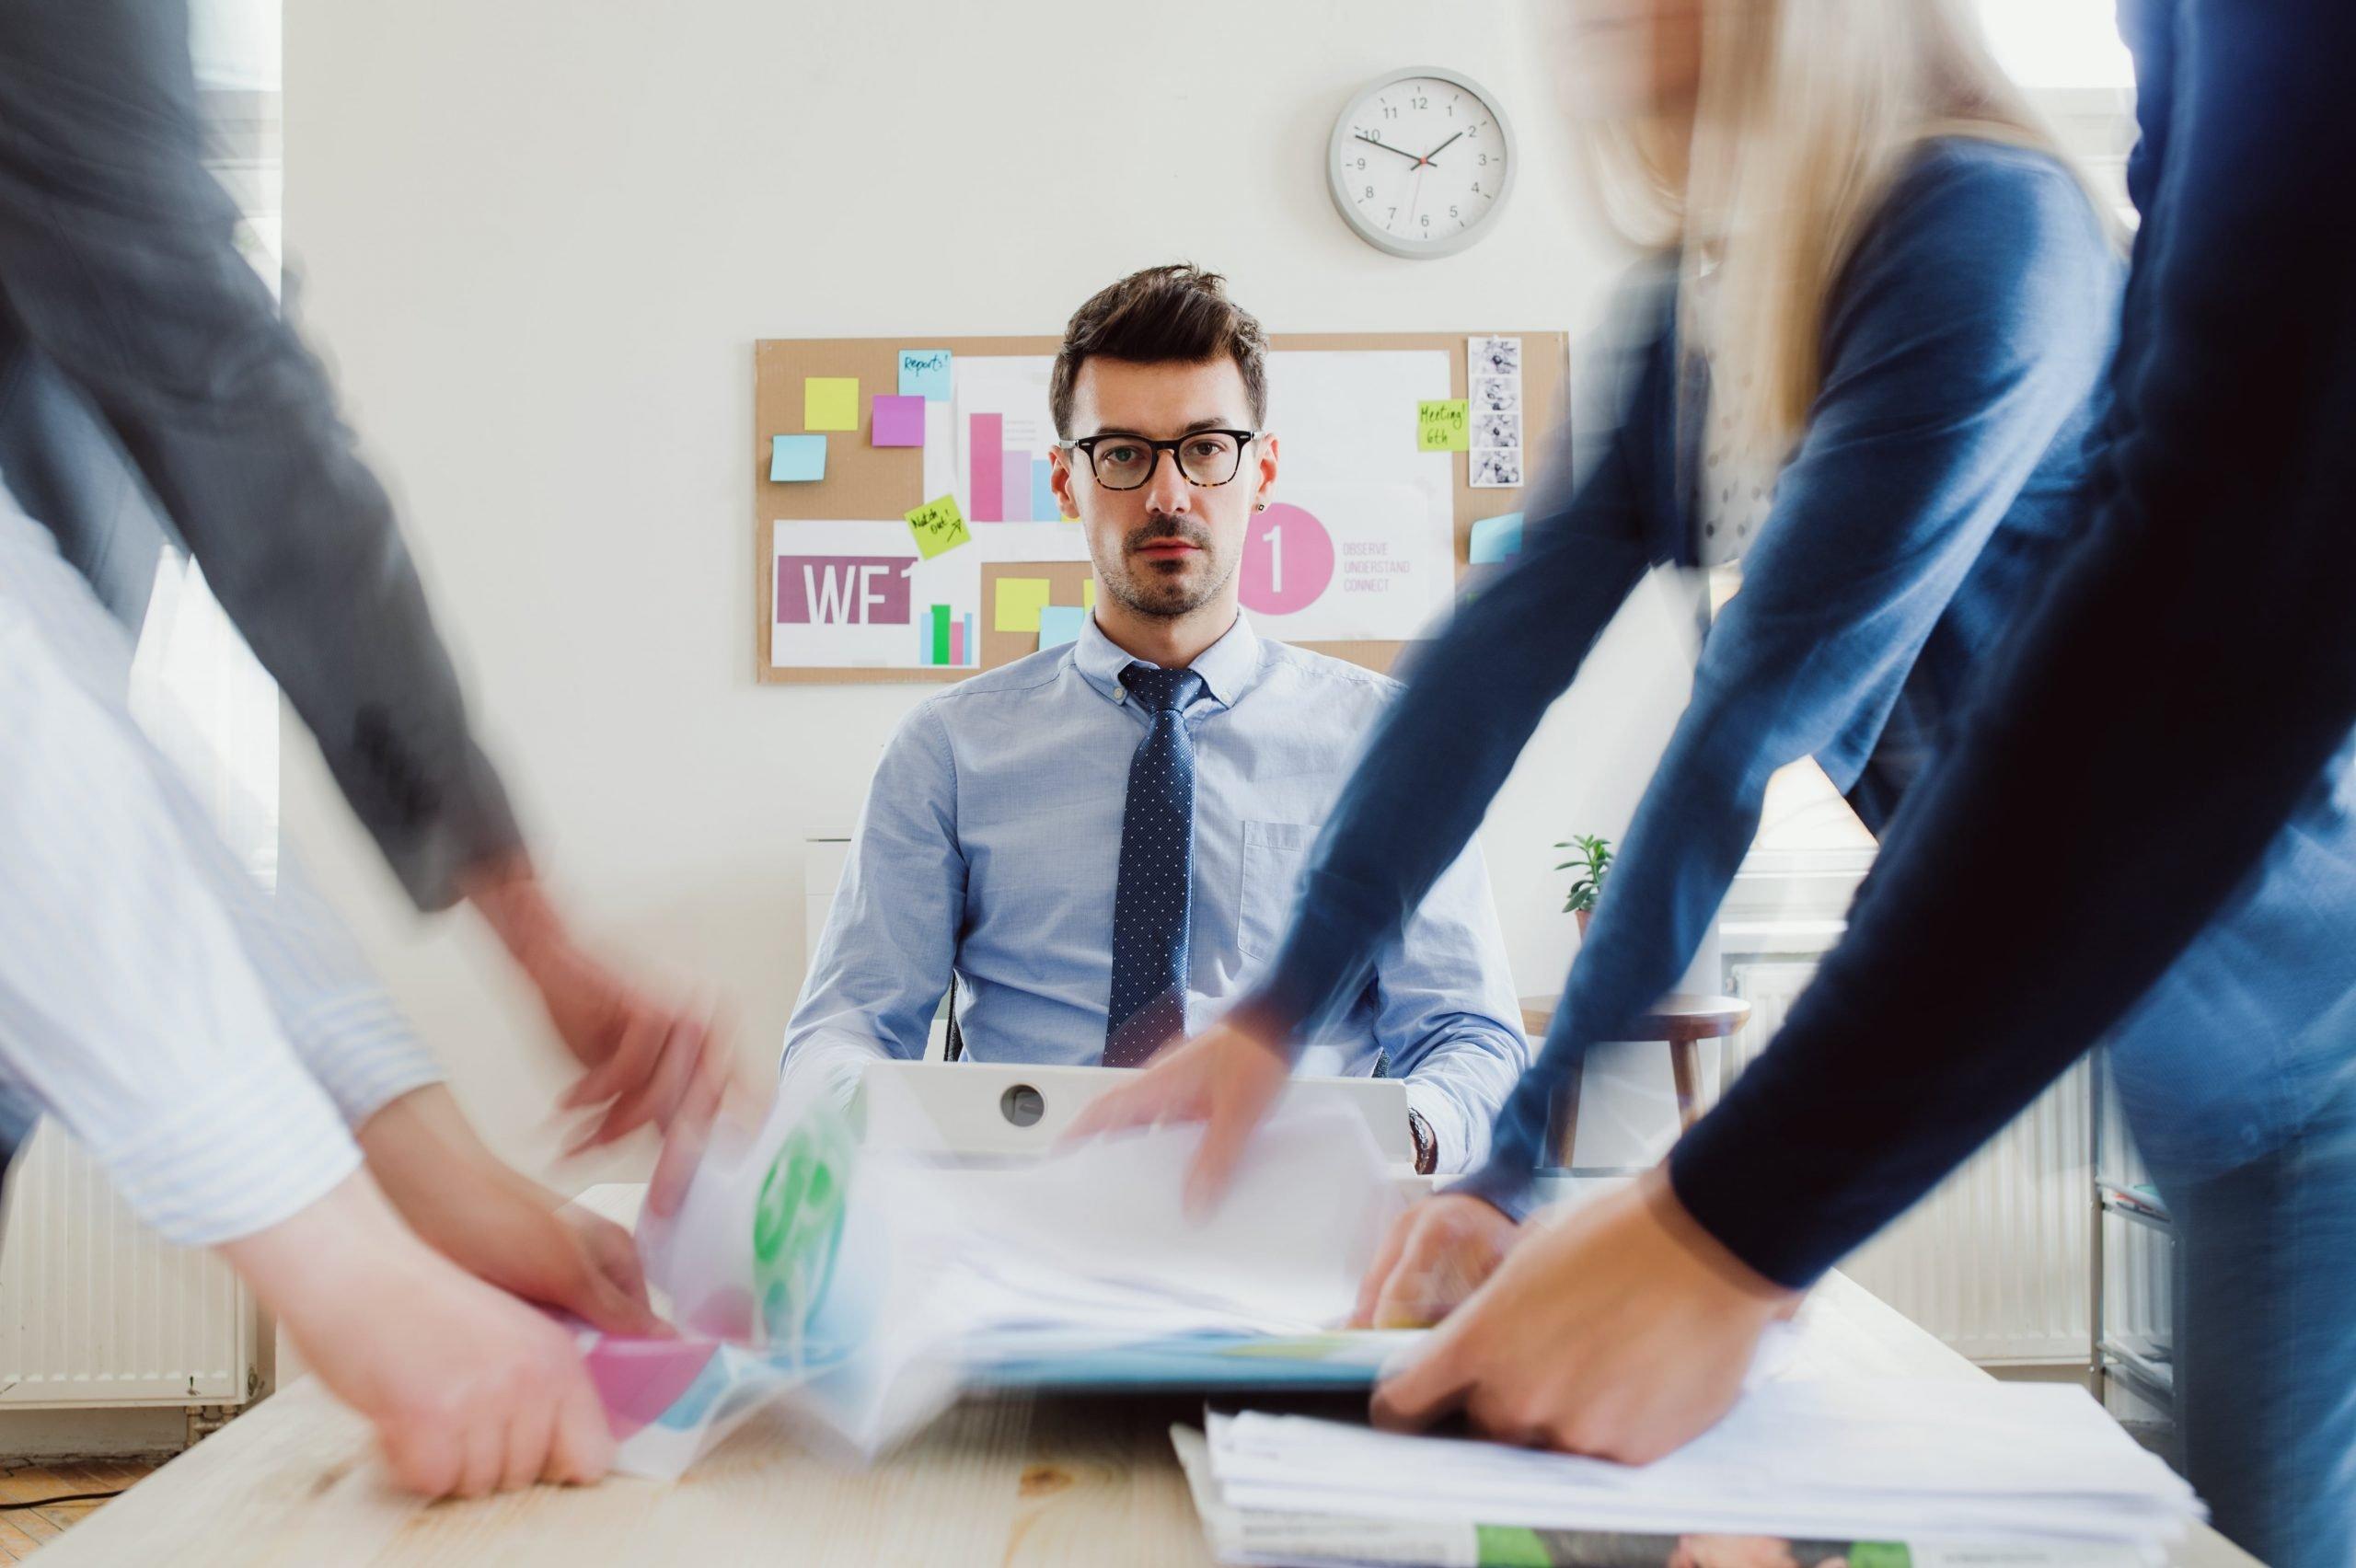 Aprender a gestionar el desacuerdo es la clave